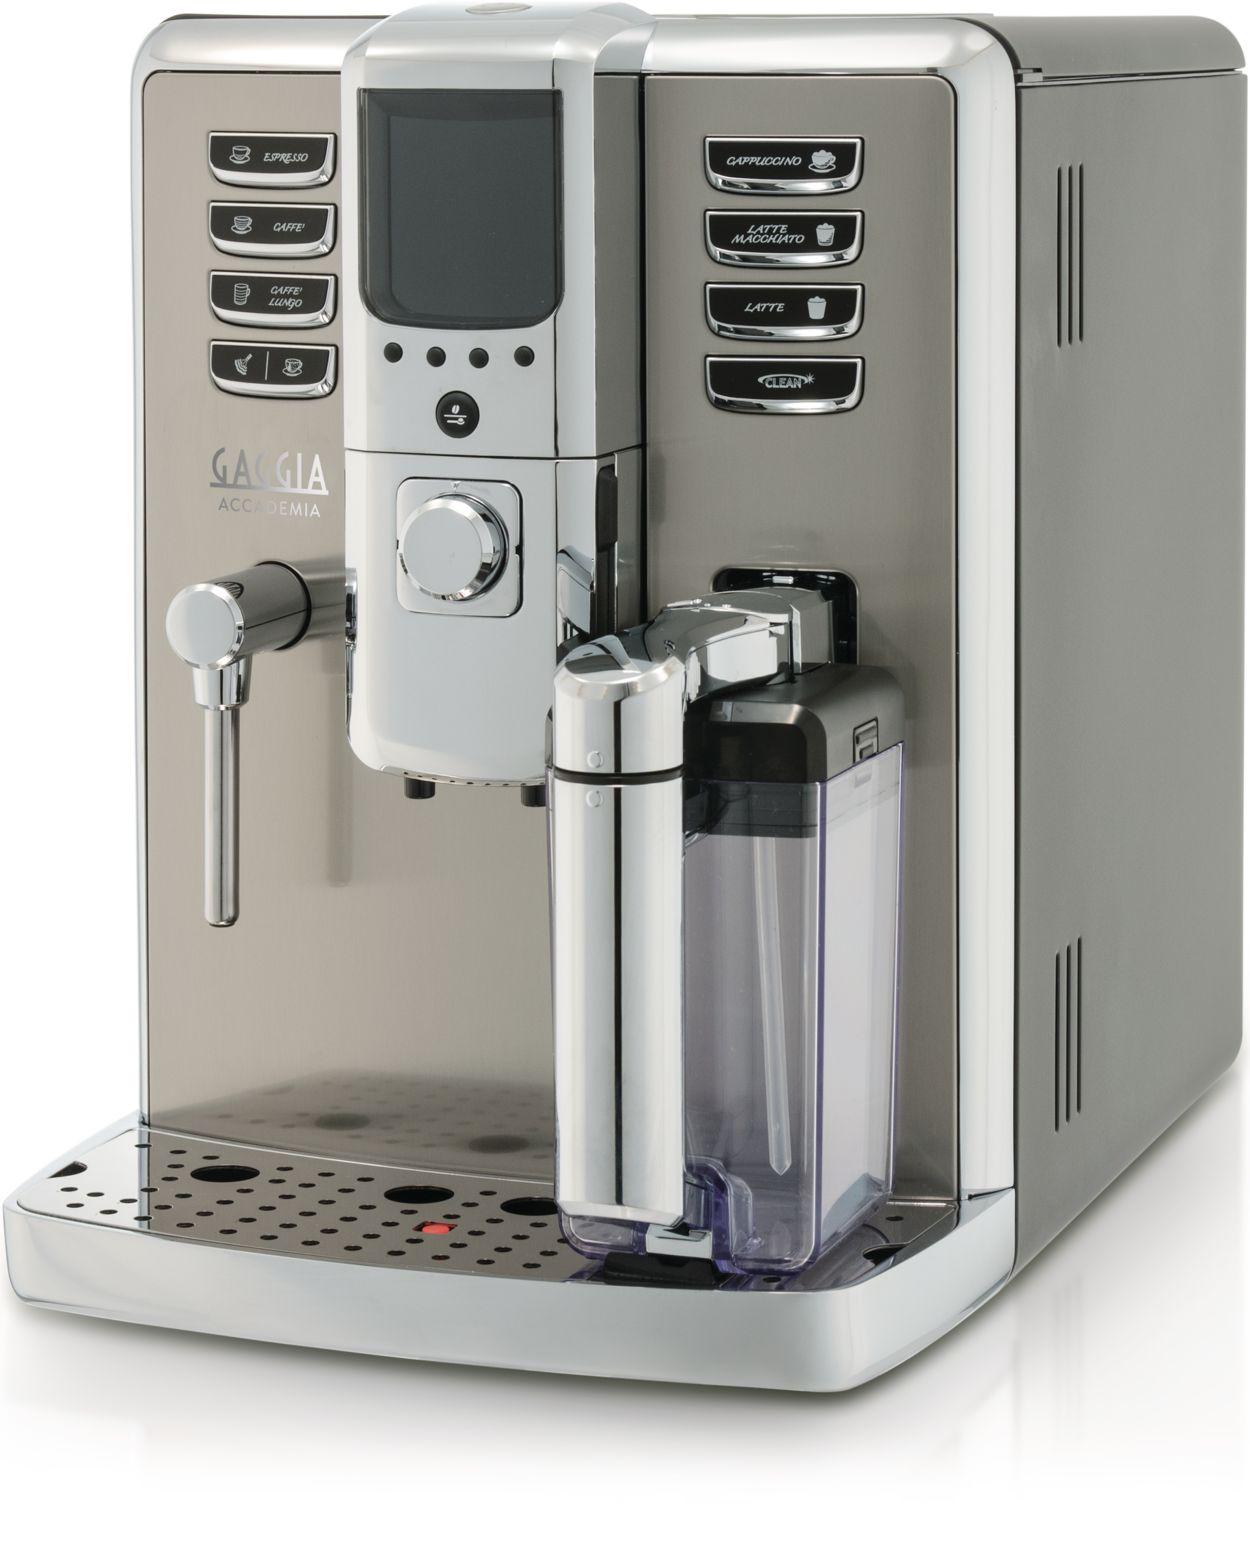 Electronic Real Coffee Machine super automatic espresso machine ri970204 gaggia become a real barista with accademia gaggia